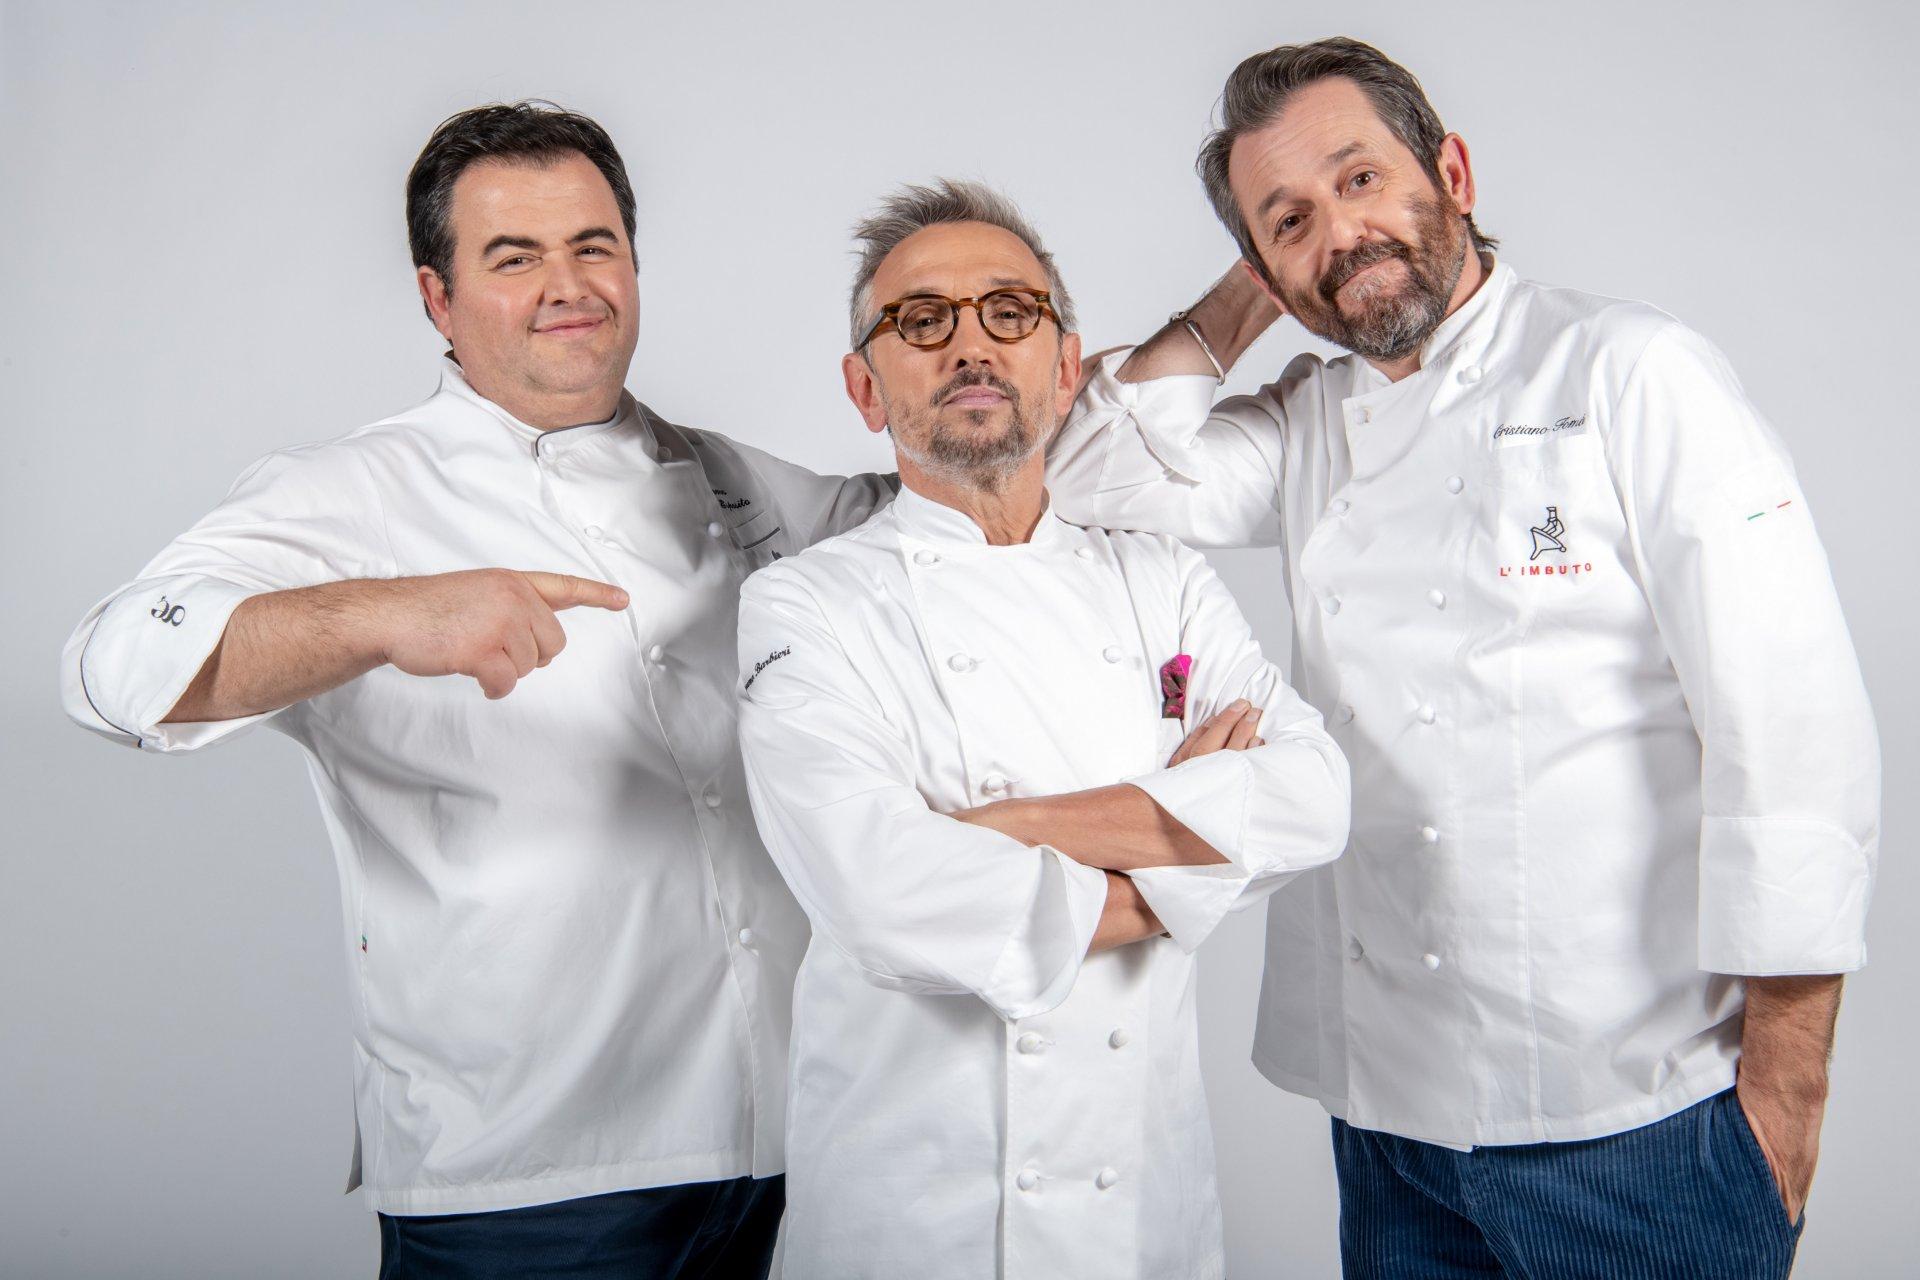 Cuochi d'Italia nella versione Il Campionato del mondo su TV8